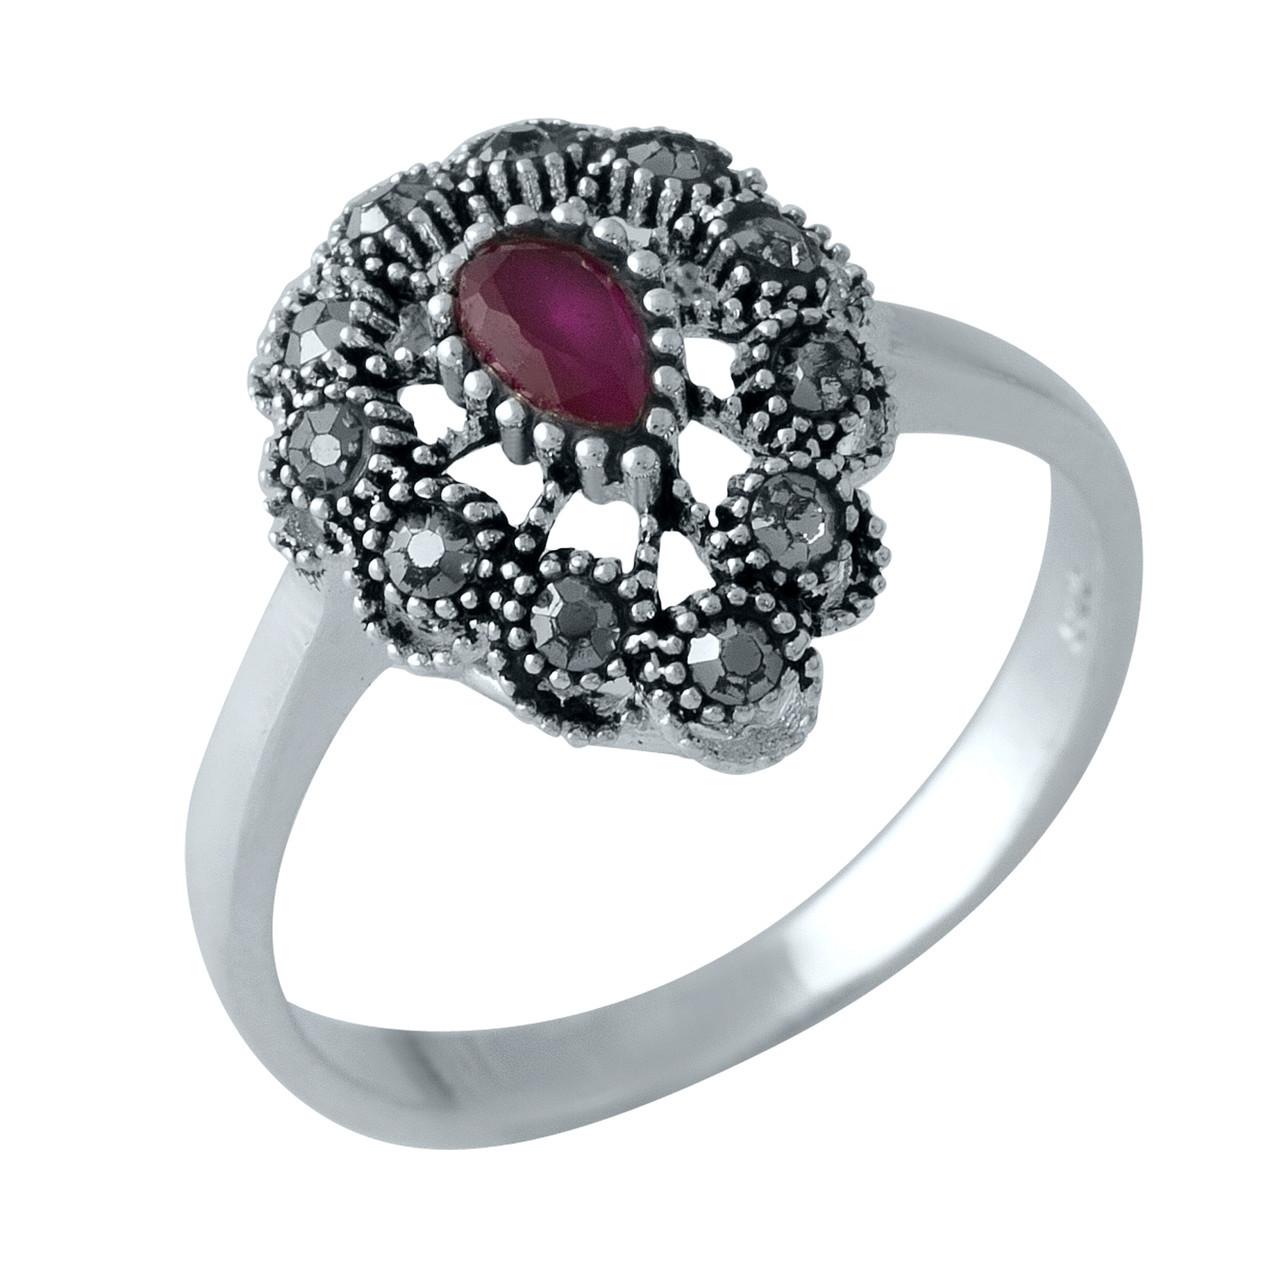 Родированное серебряное кольцо 925 пробы с натуральными марказитами, рубином nano